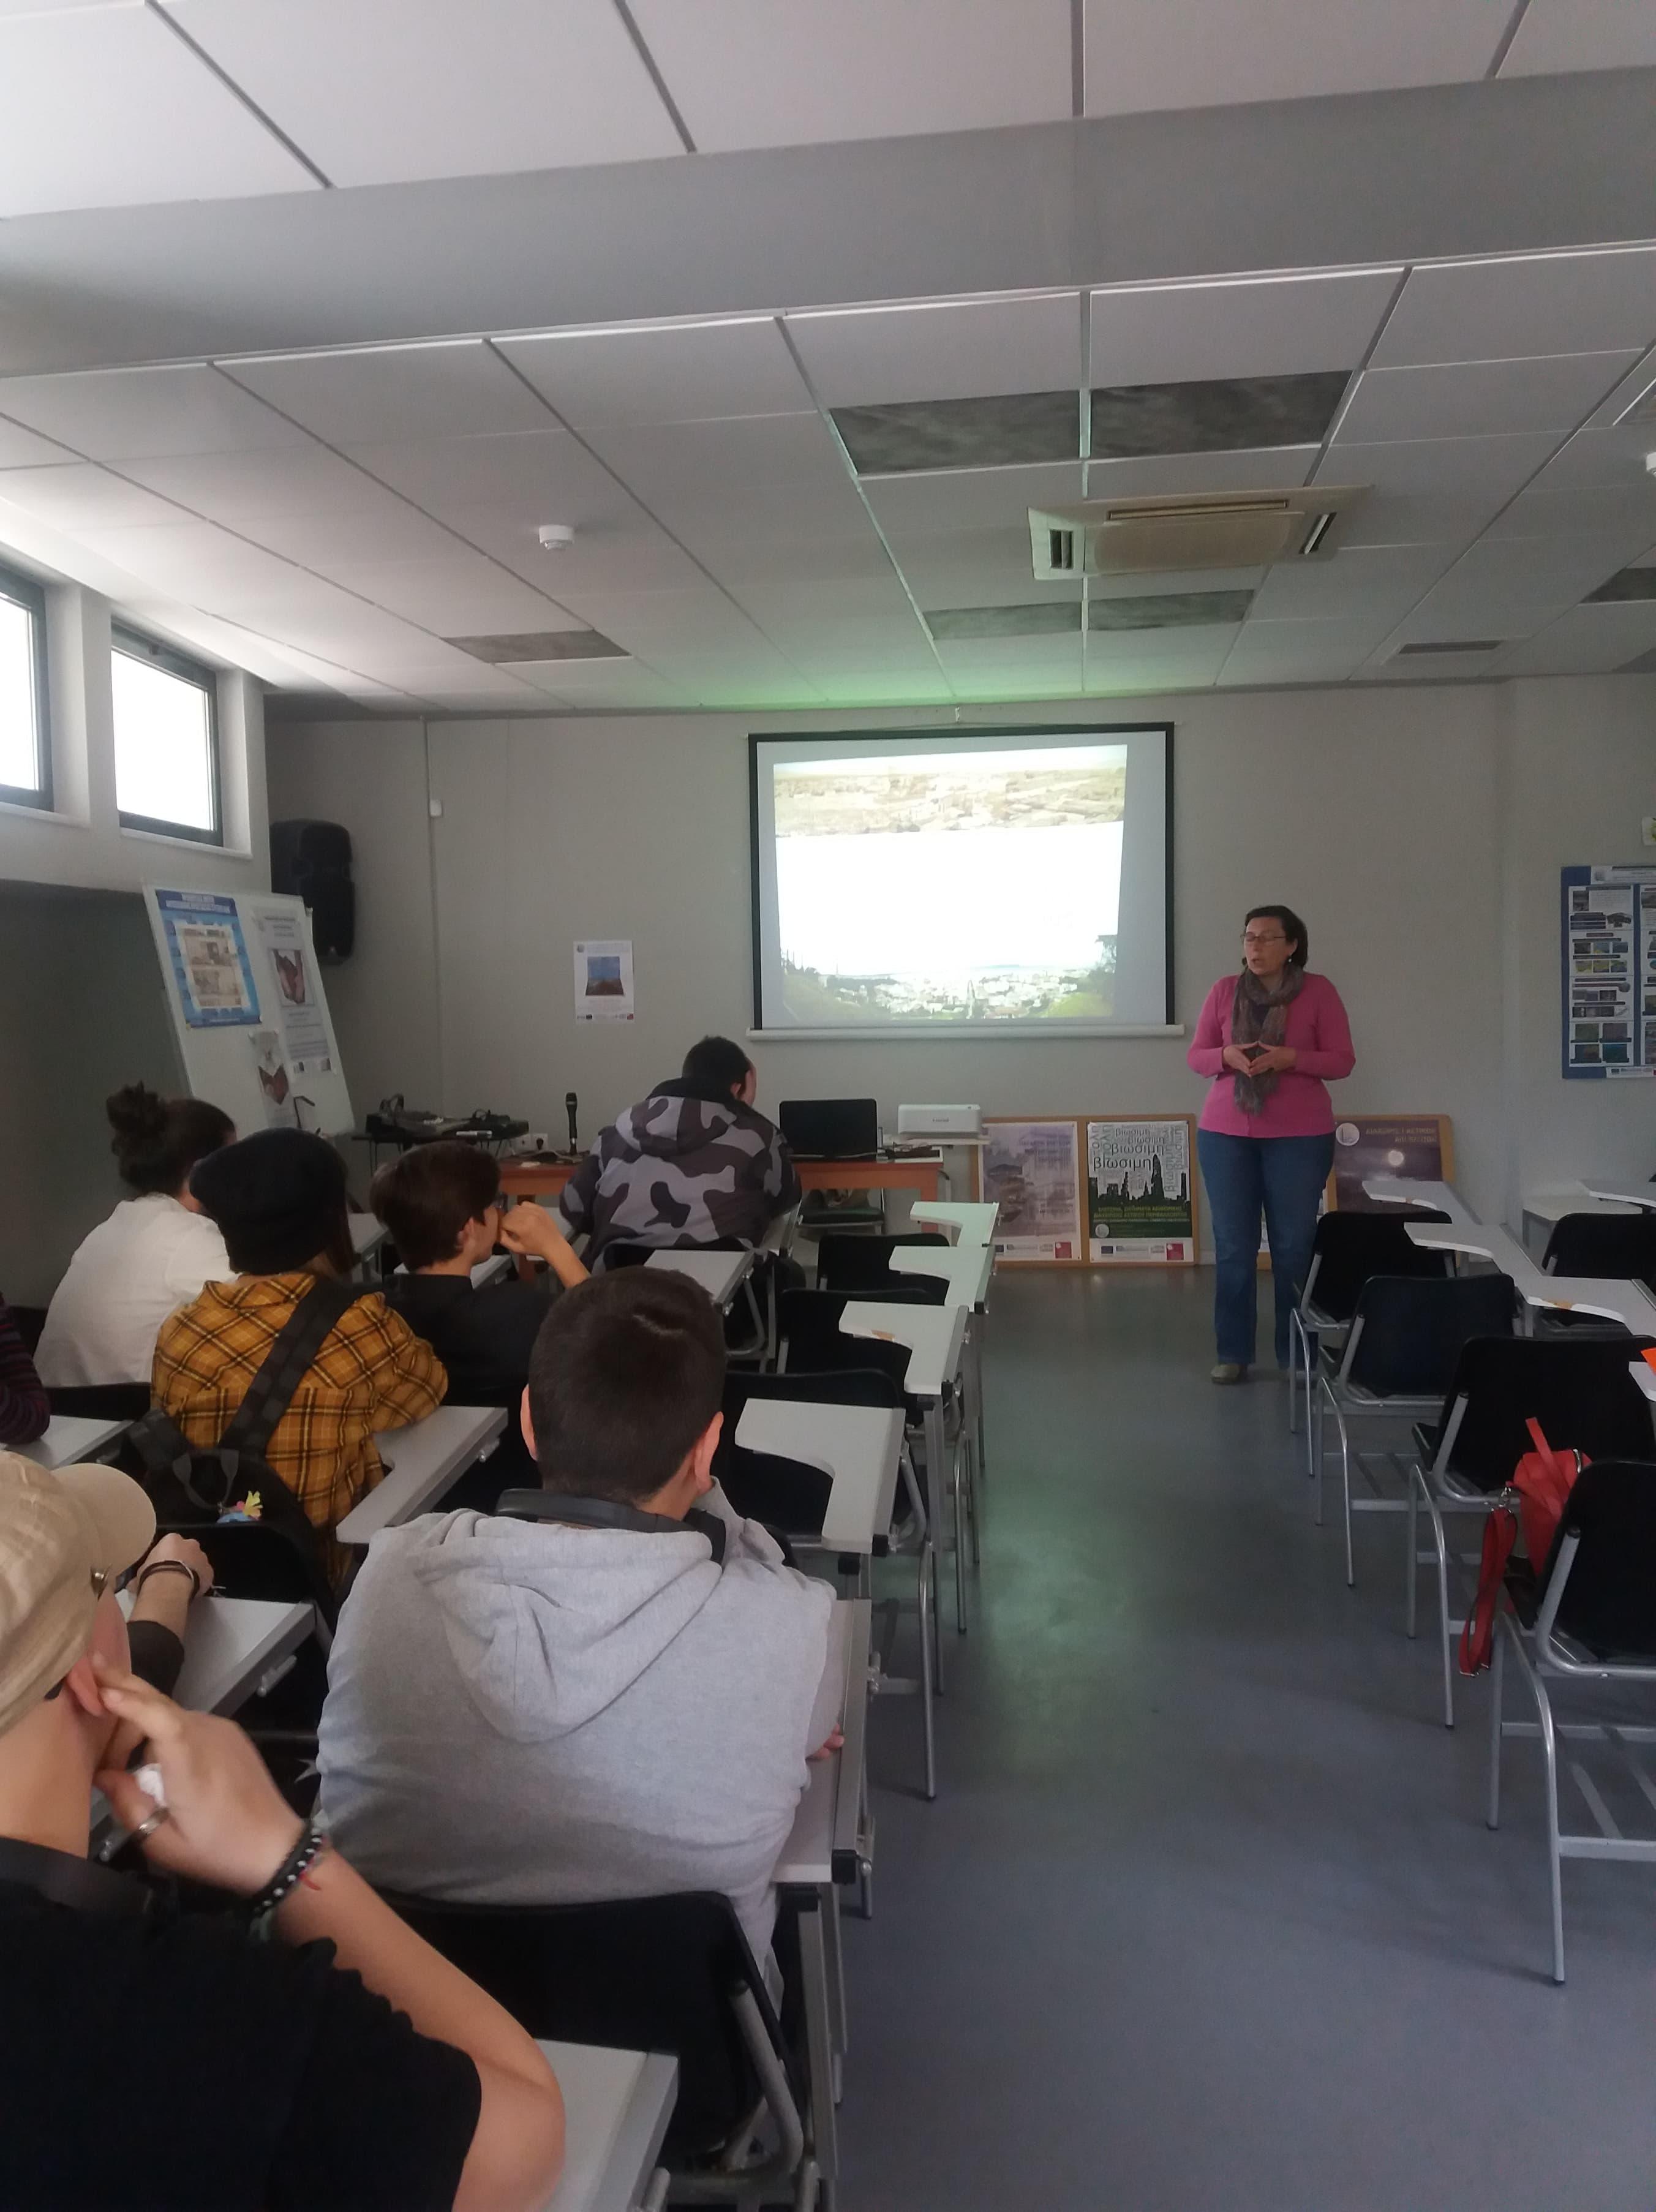 Διδακτική επίσκεψη στην Ελευσίνα 26-3-2019